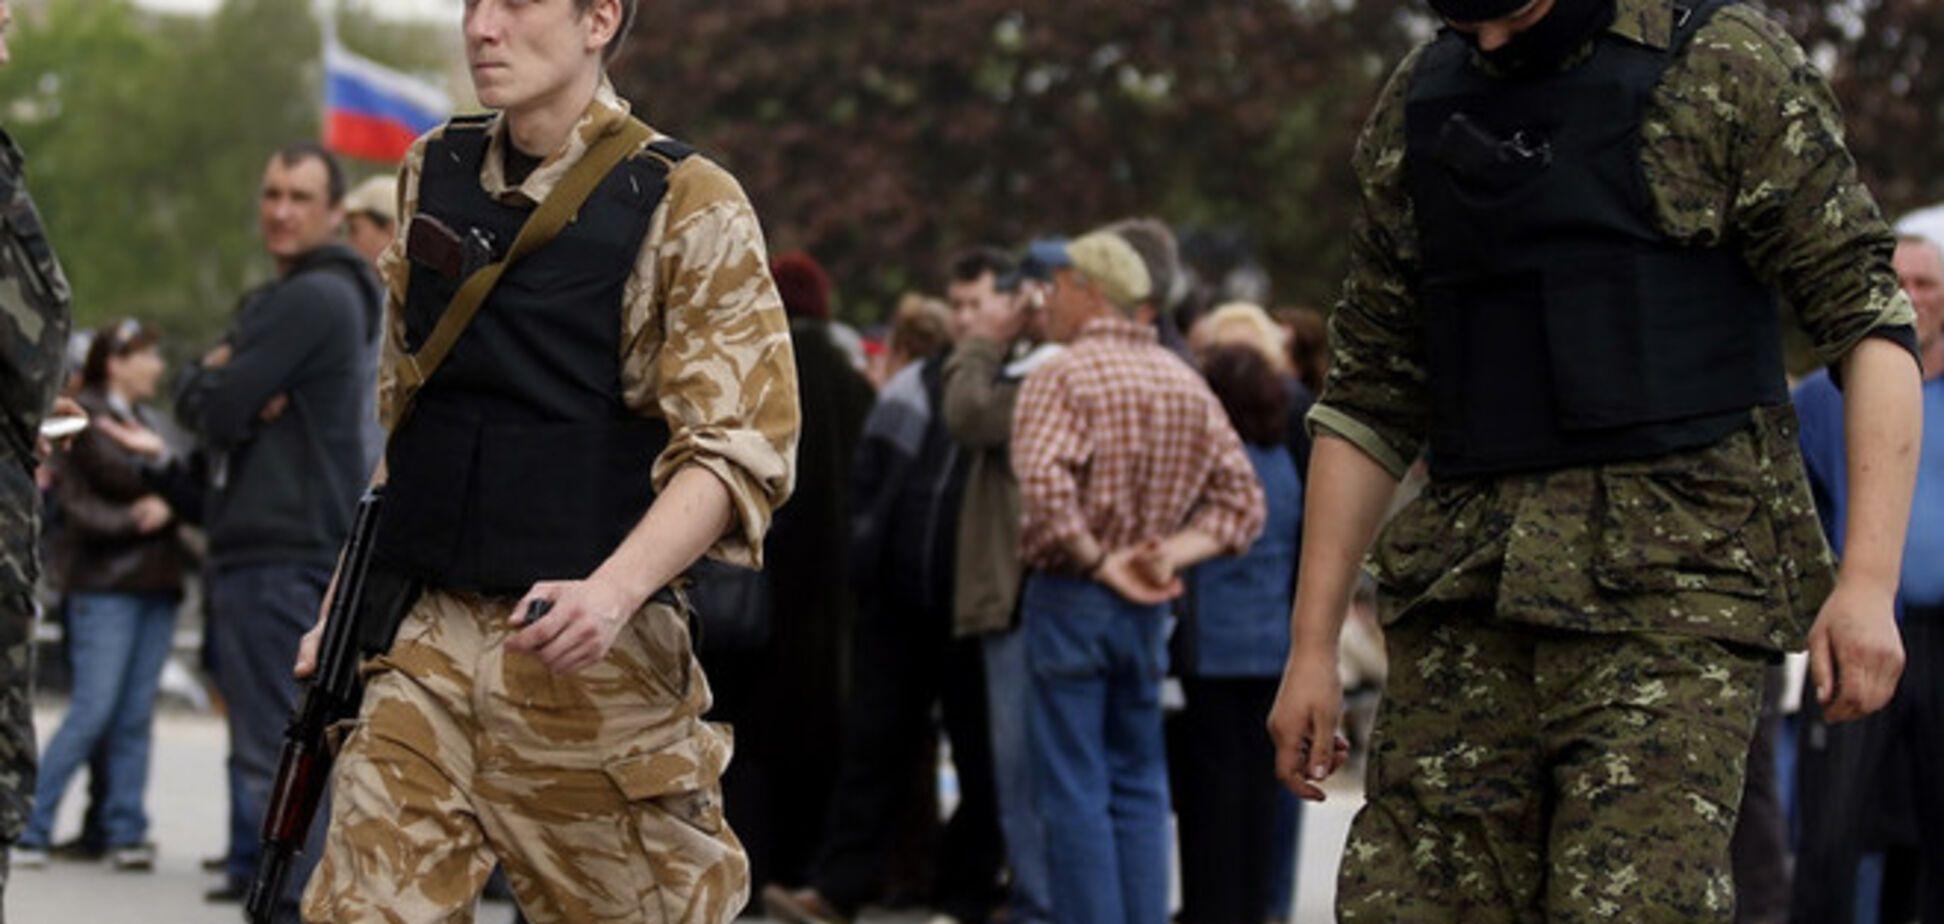 В Краматорске и Славянске остается угроза терактов - Наливайченко